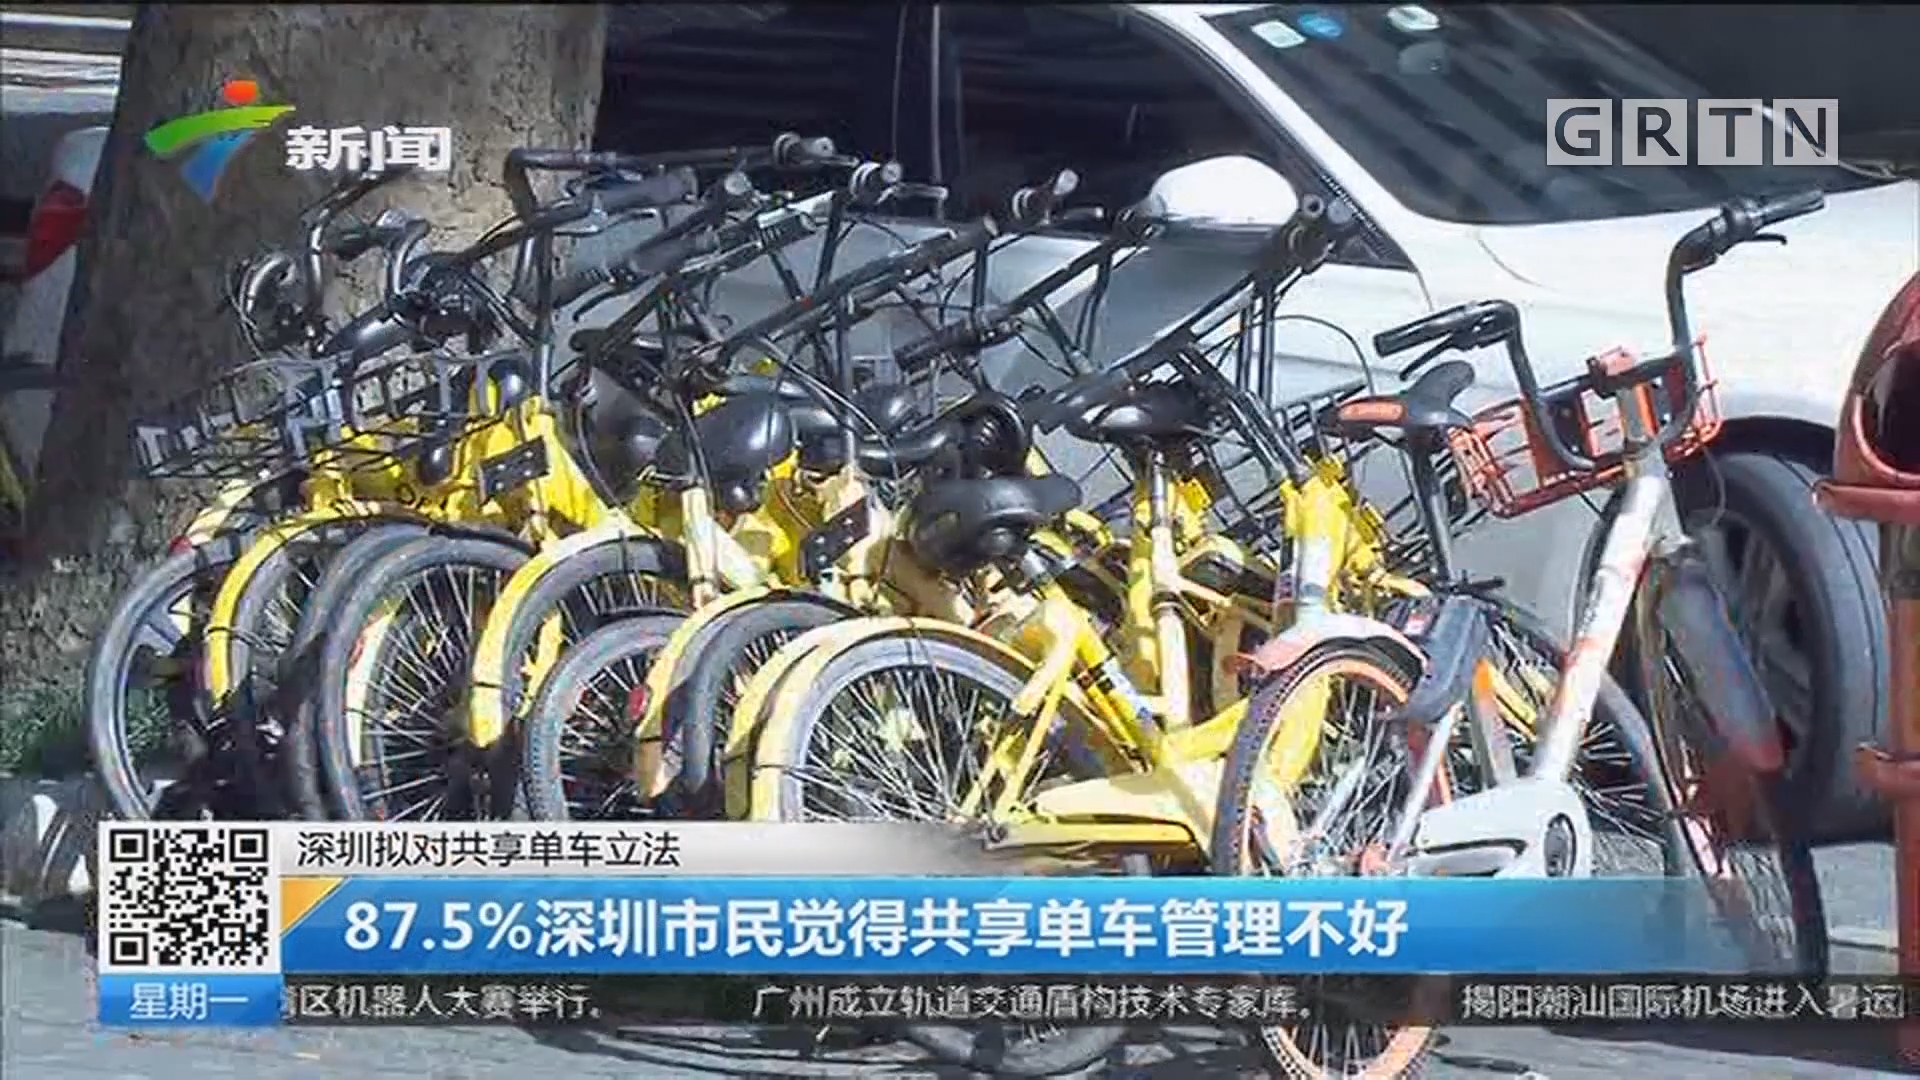 深圳拟对共享单车立法 87.5%深圳市民觉得共享单车管理不好